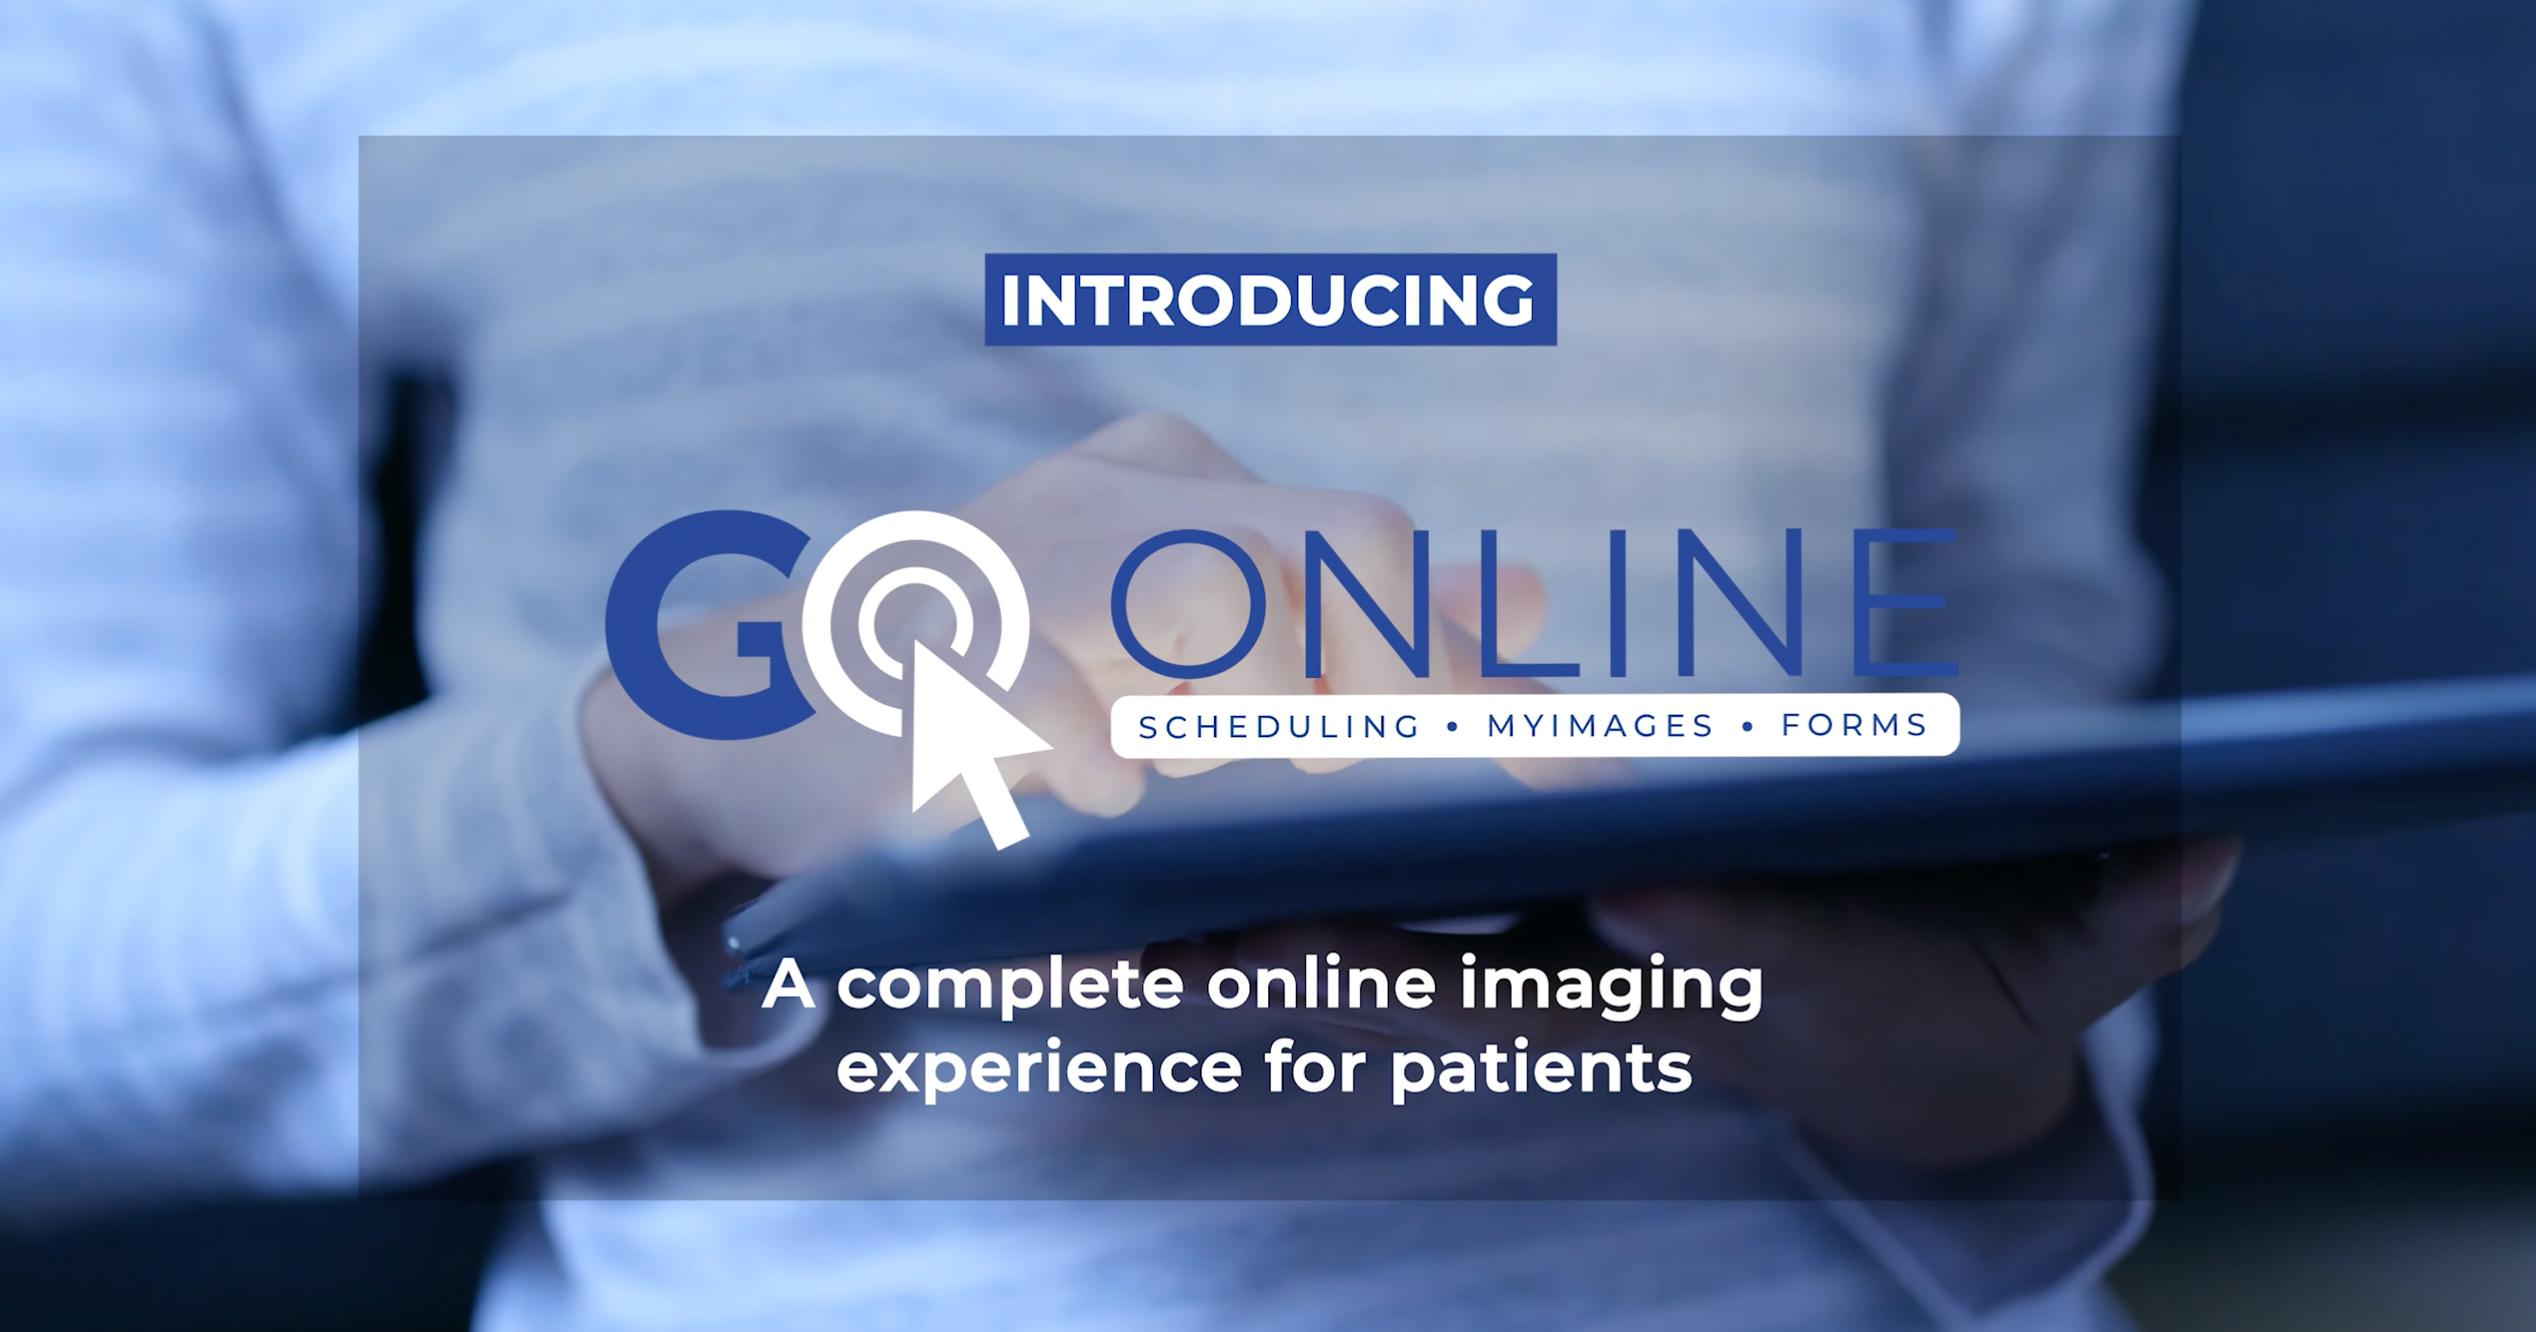 Go Online Video